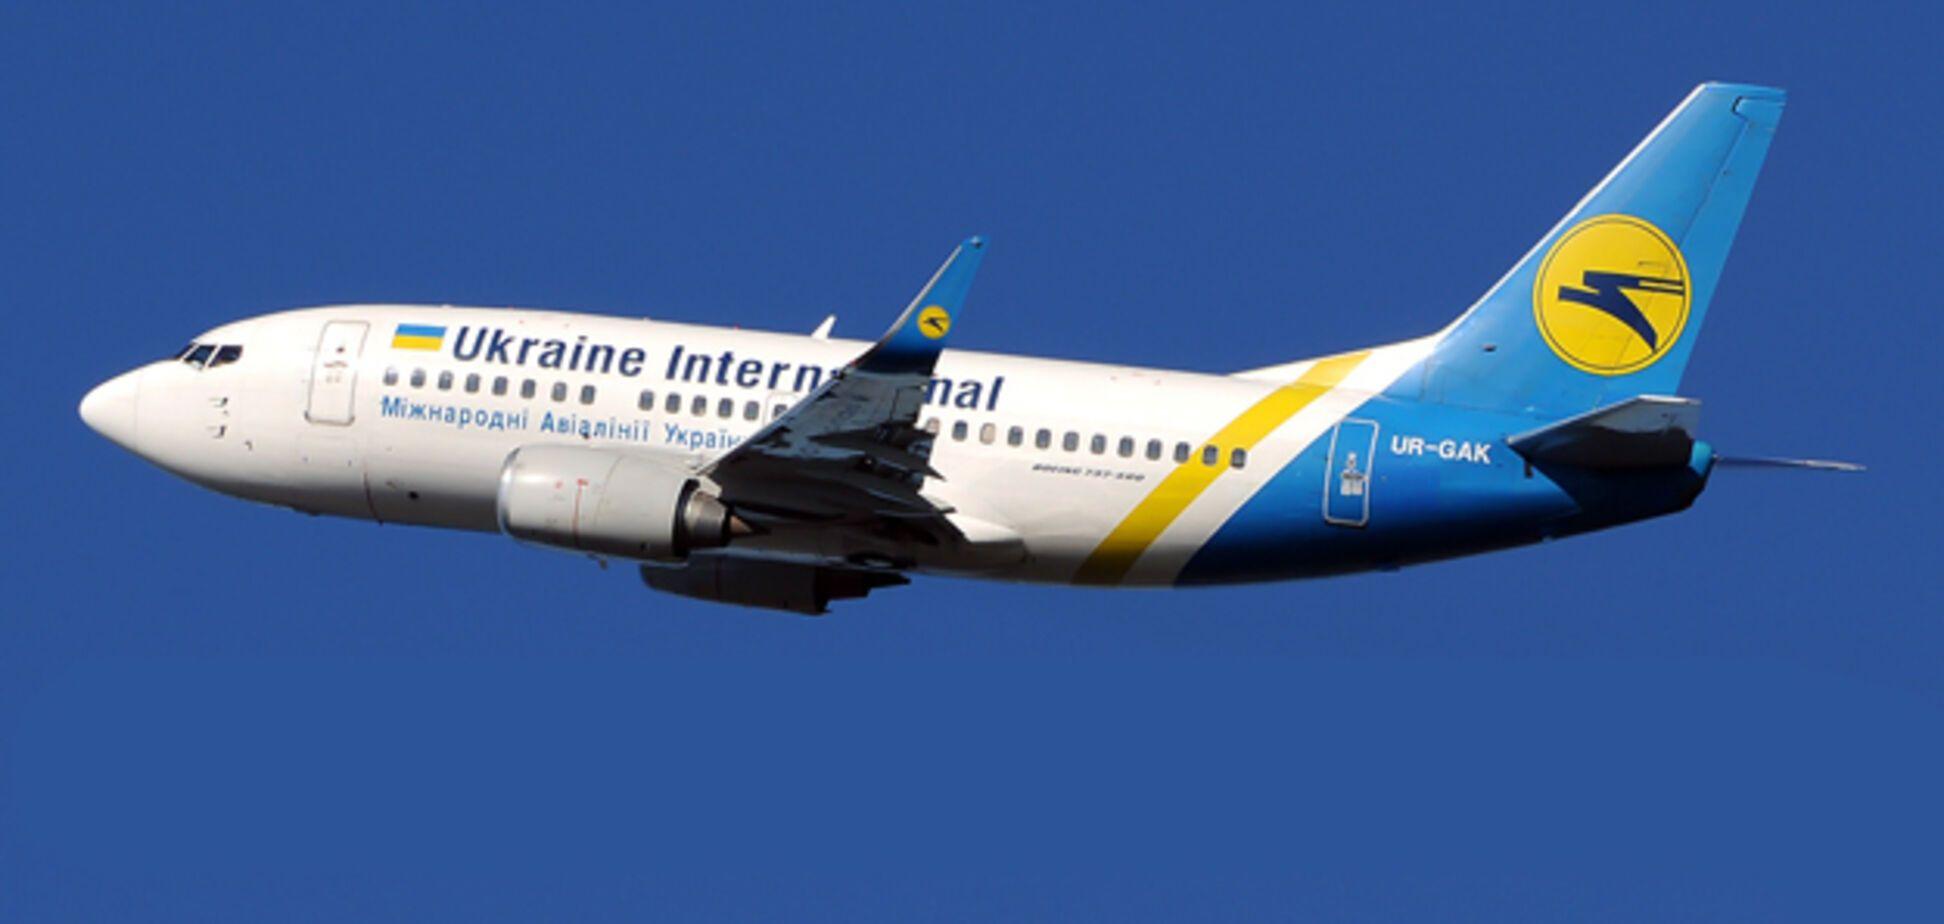 'Це підле жлобство': відома авіакомпанія України потрапила в новий скандал